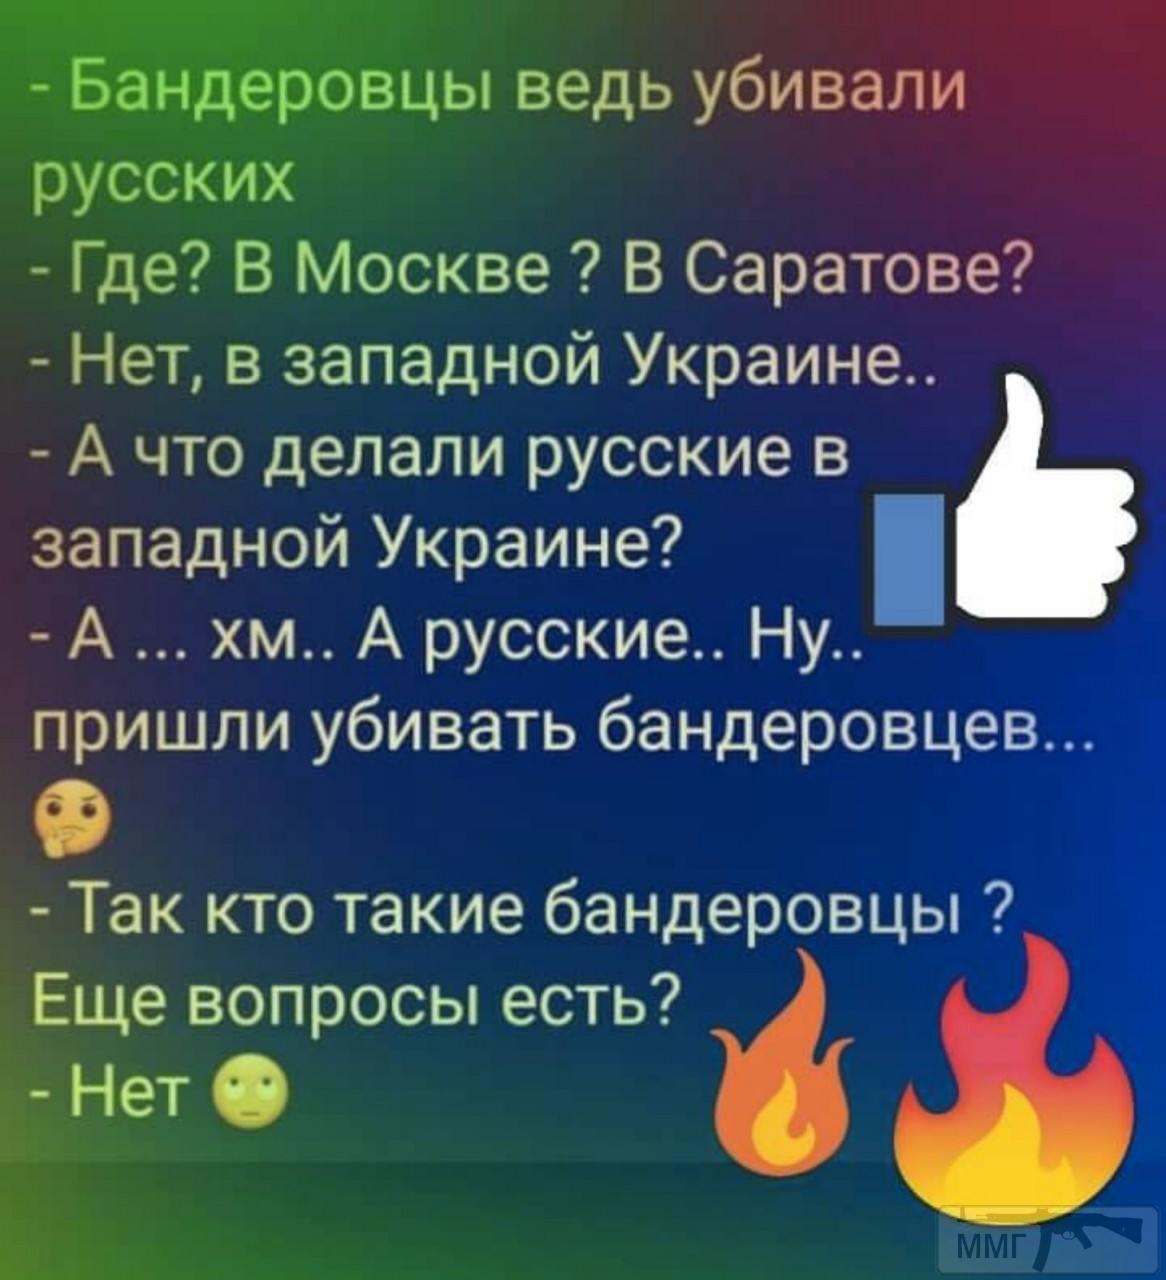 106470 - Украинцы и россияне,откуда ненависть.